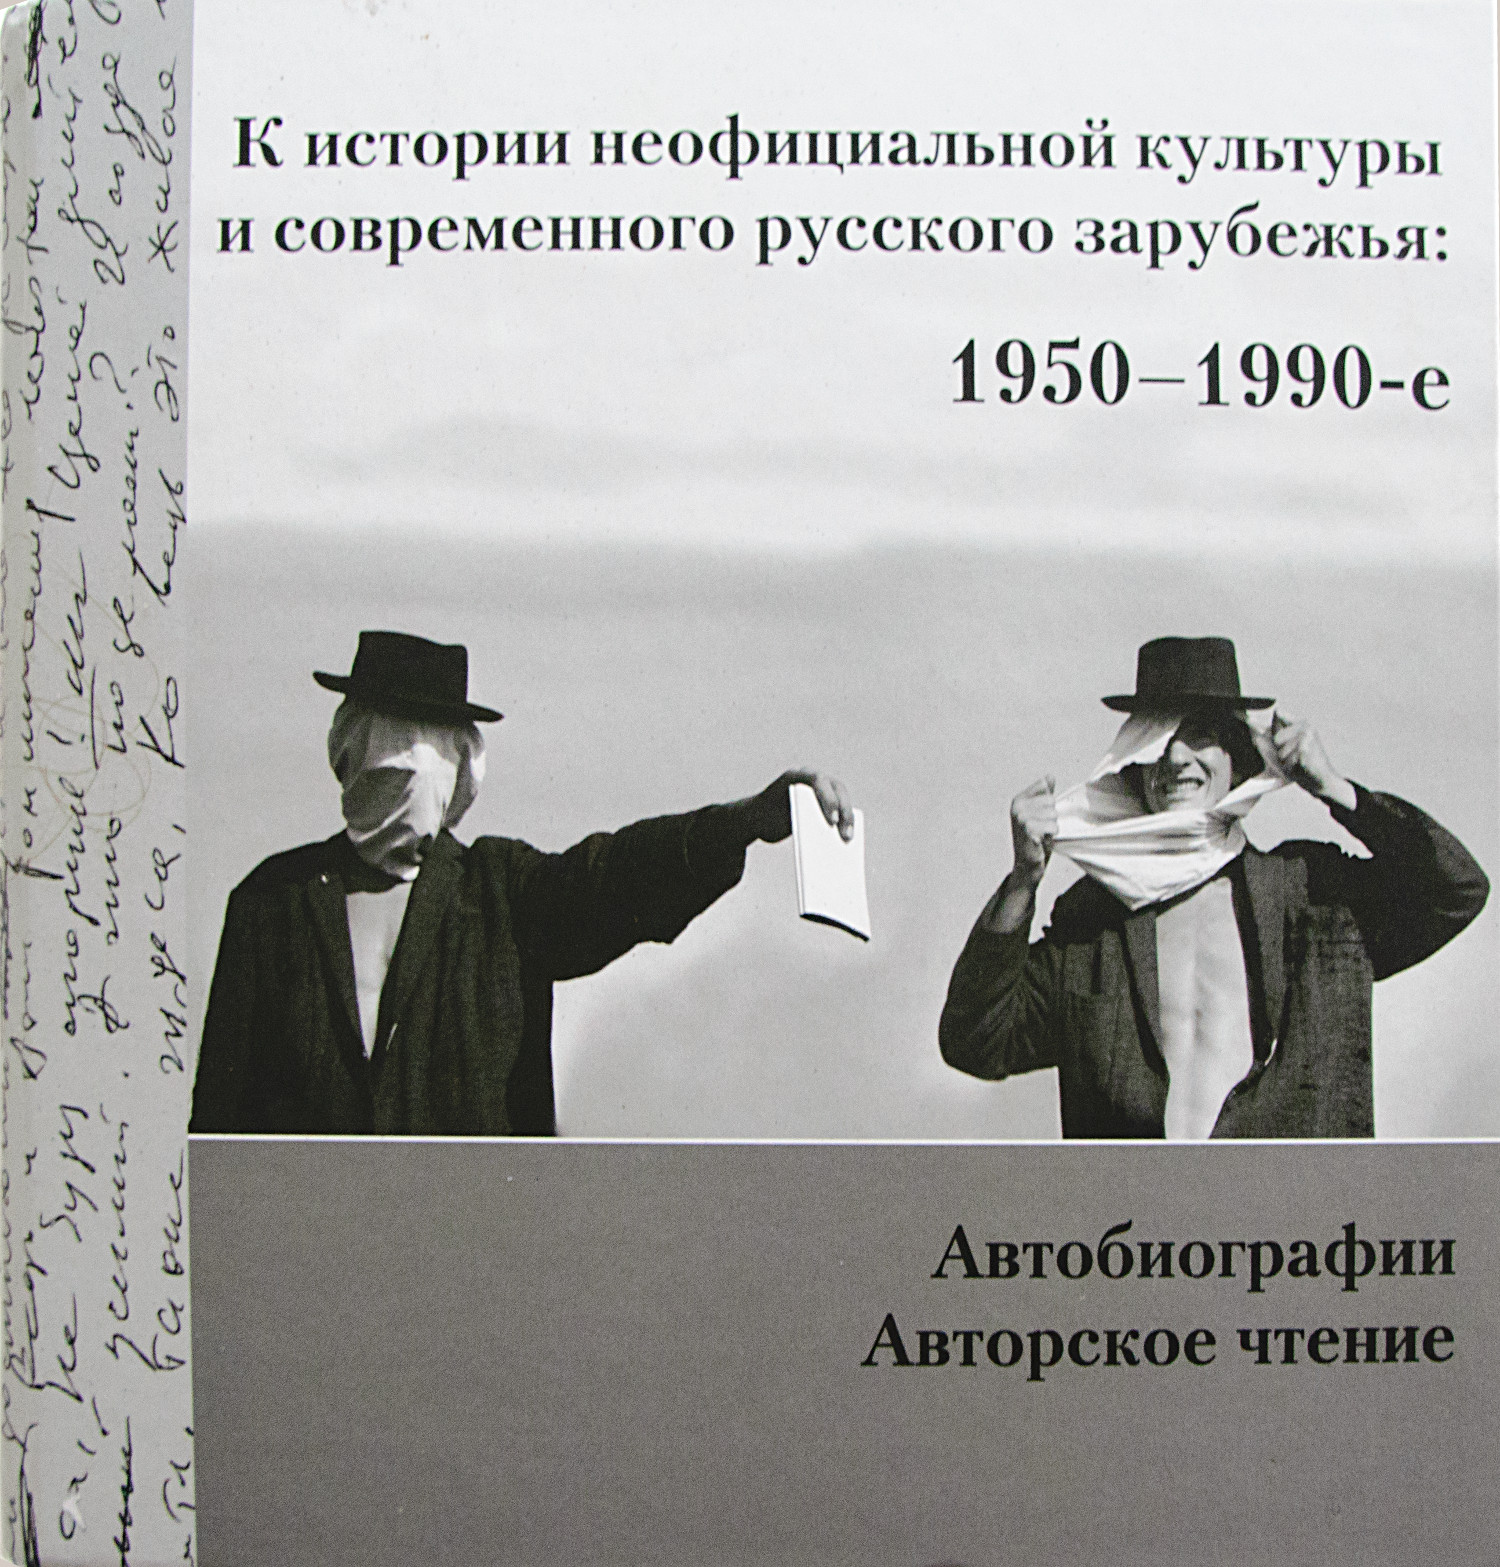 К истории неофициальной культуры и современного русского зарубежья: 1950 – 1990е: Ed.ВалиеваЮ. М.